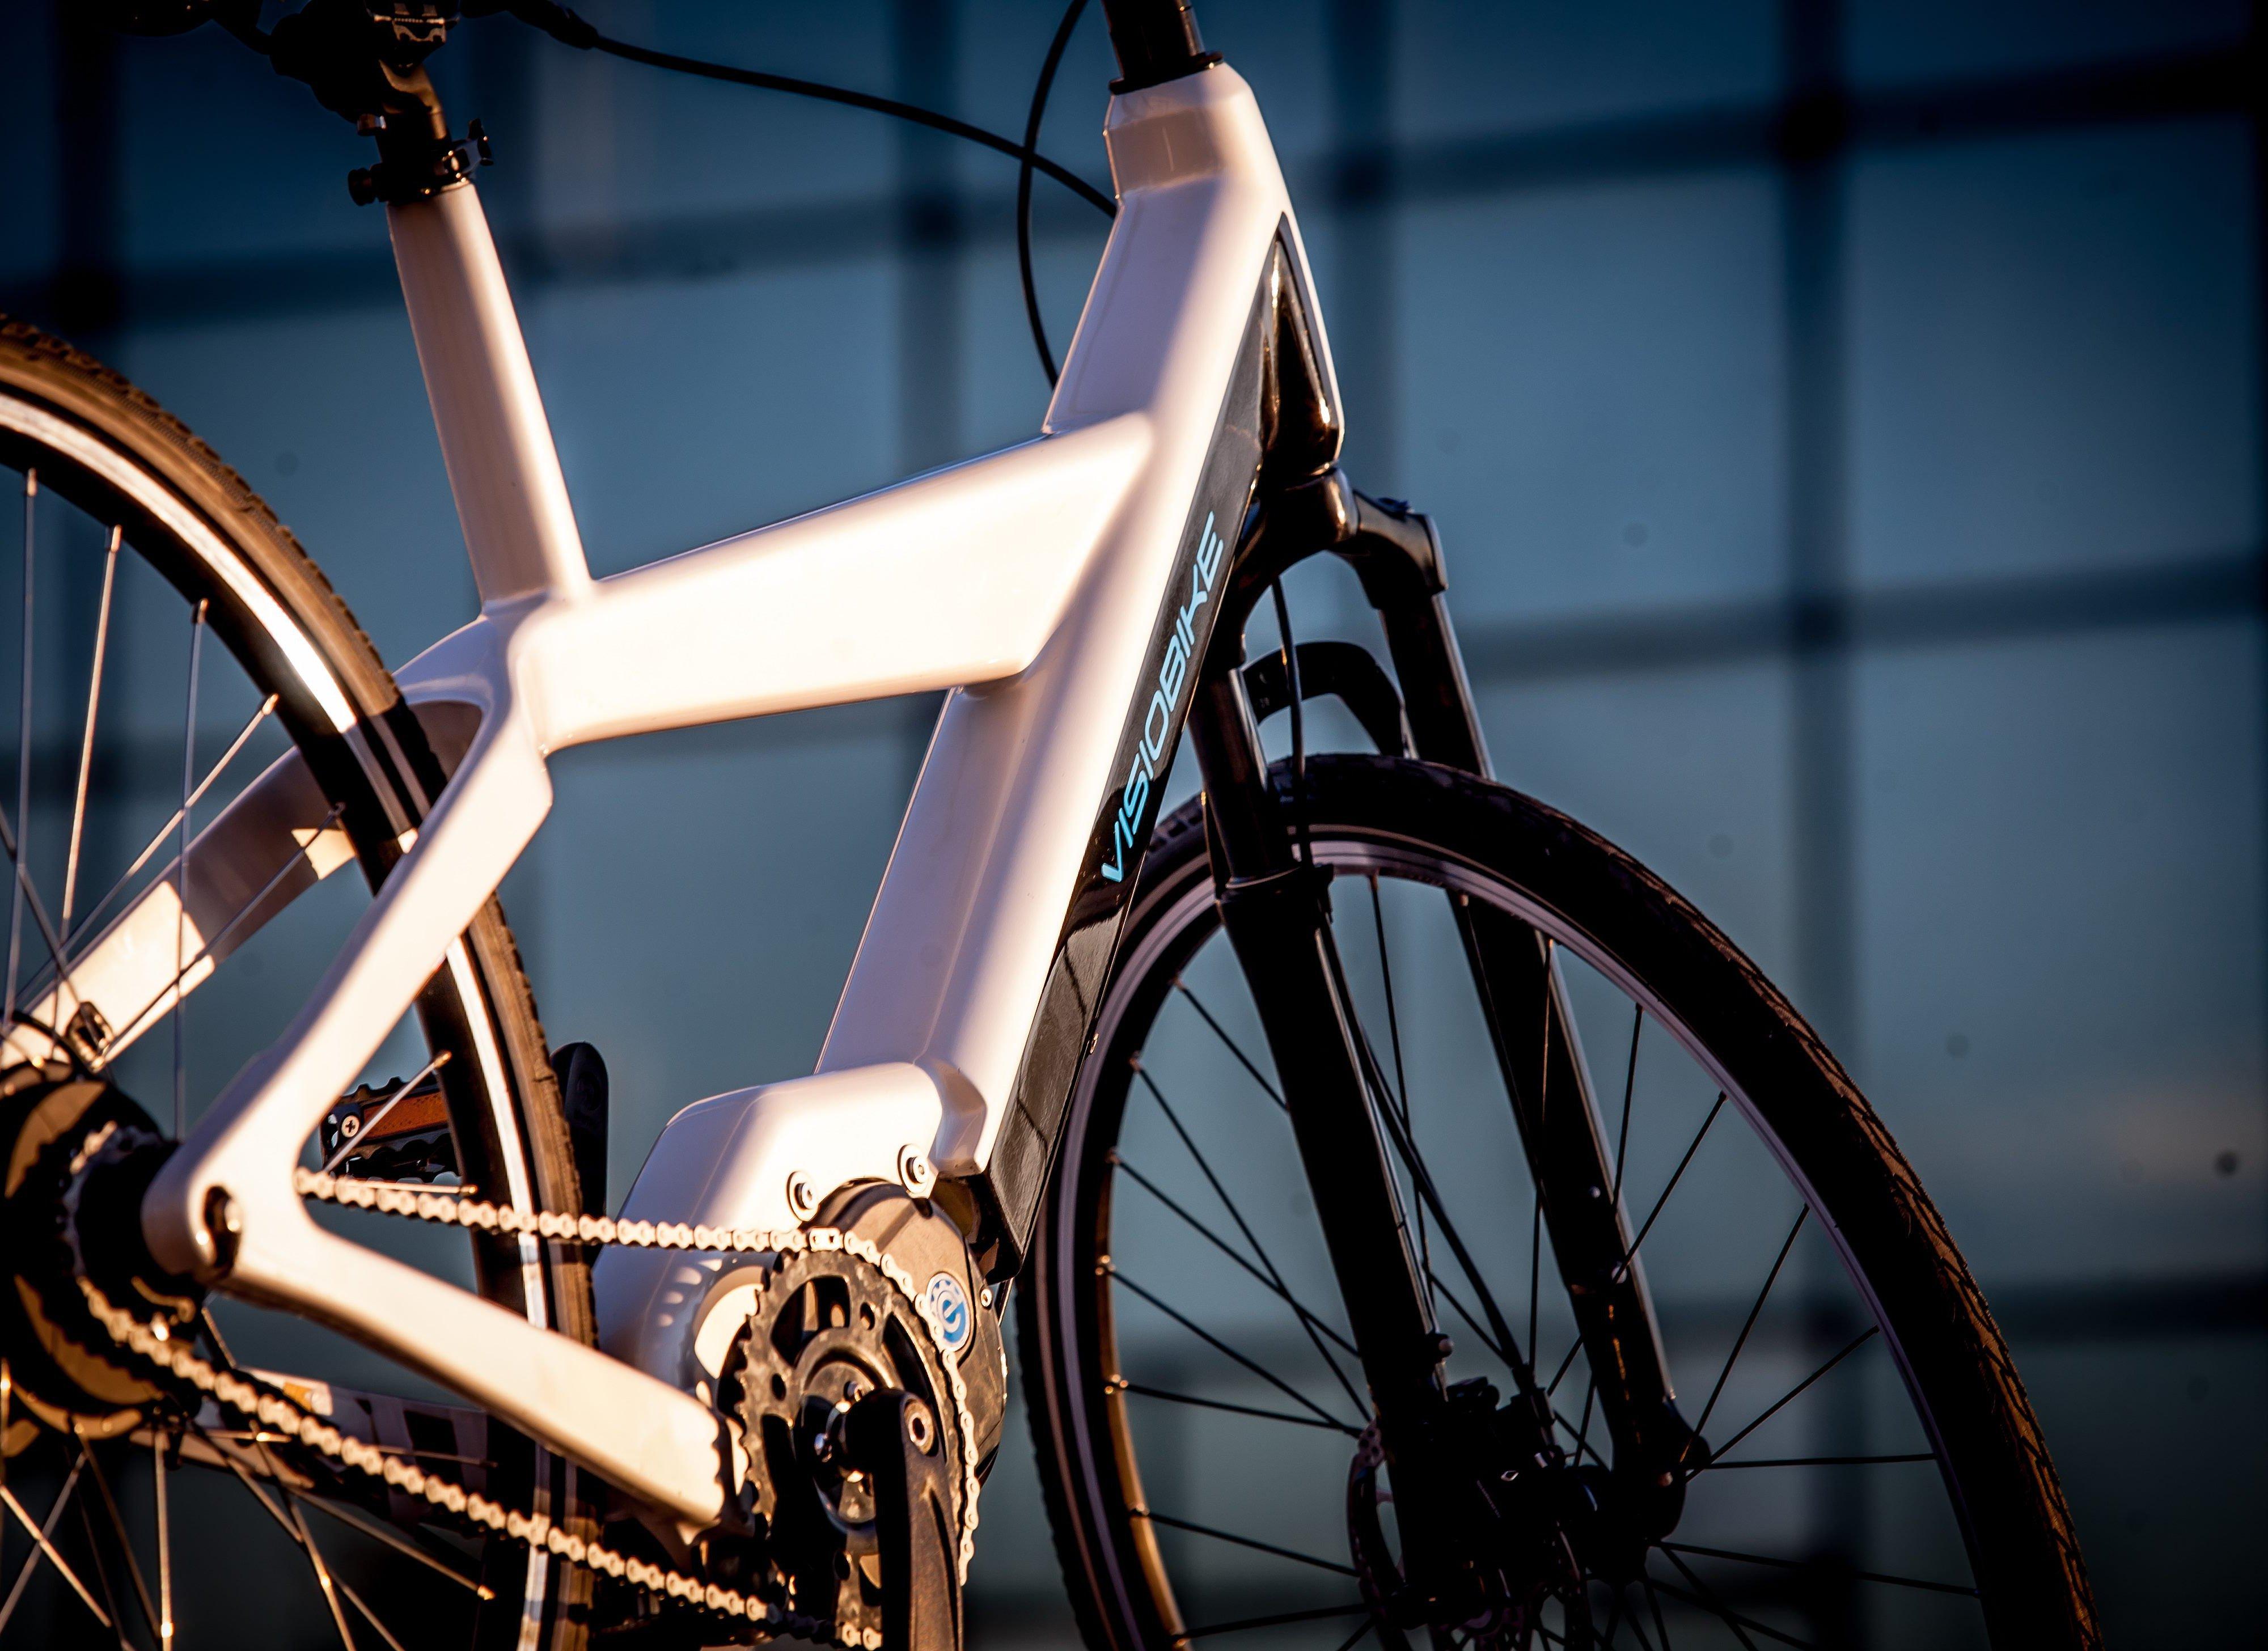 Der Akku ist im Rahmen untergebracht und lässt sich nicht abnehmen. Zum Aufladen muss daher das gesamte Fahrrad zur Steckdose.